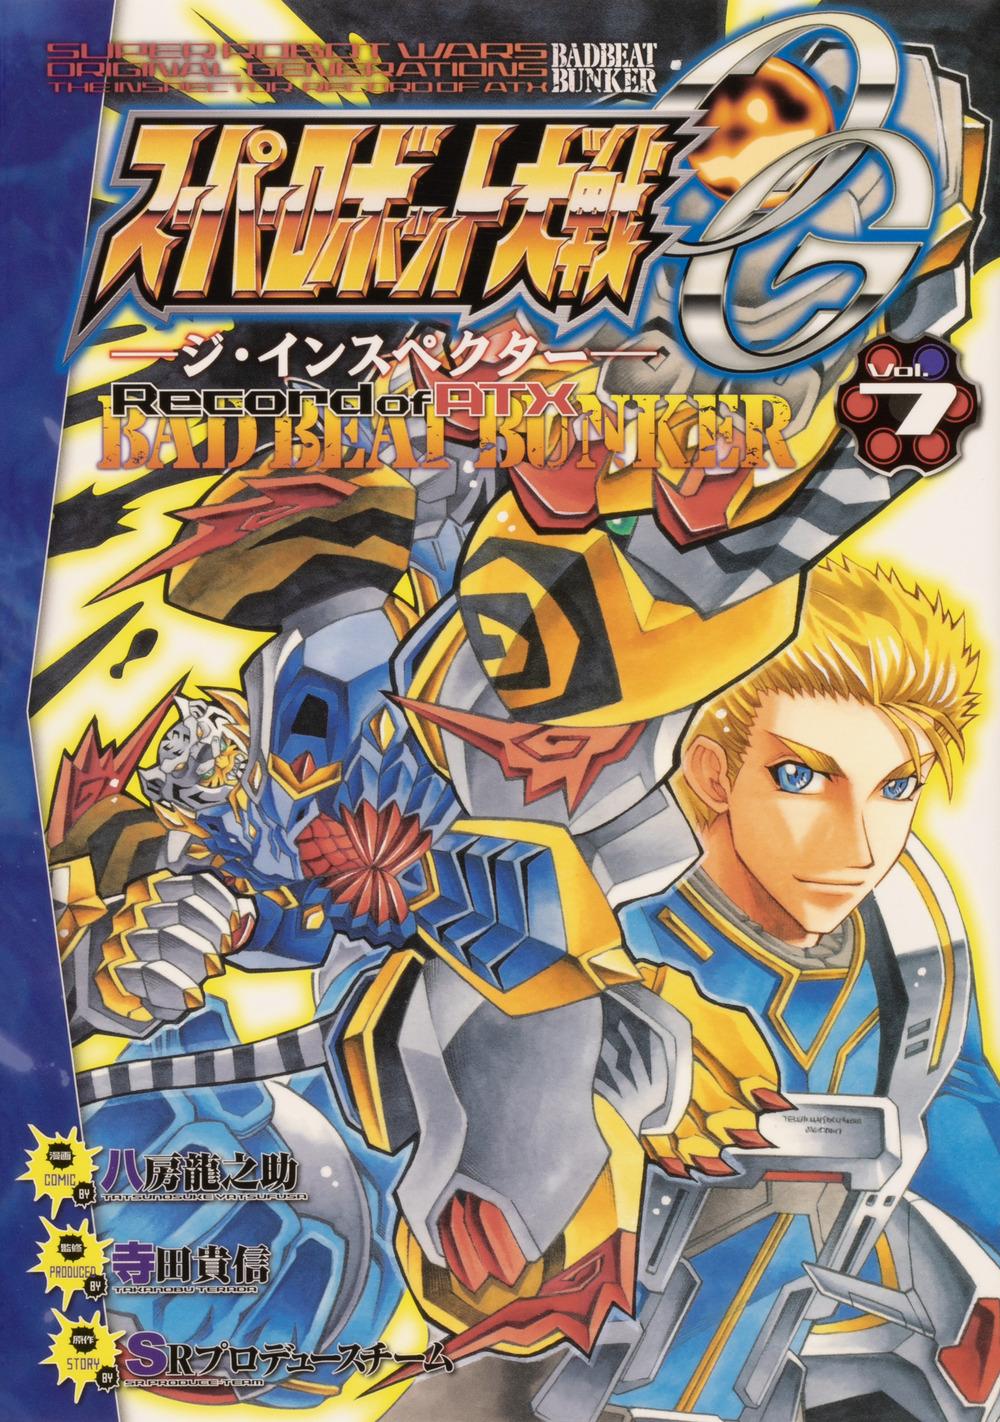 スーパーロボット大戦OG‐ジ・インスペクター‐Record of ATX Vol.7 BAD BEAT BUNKER